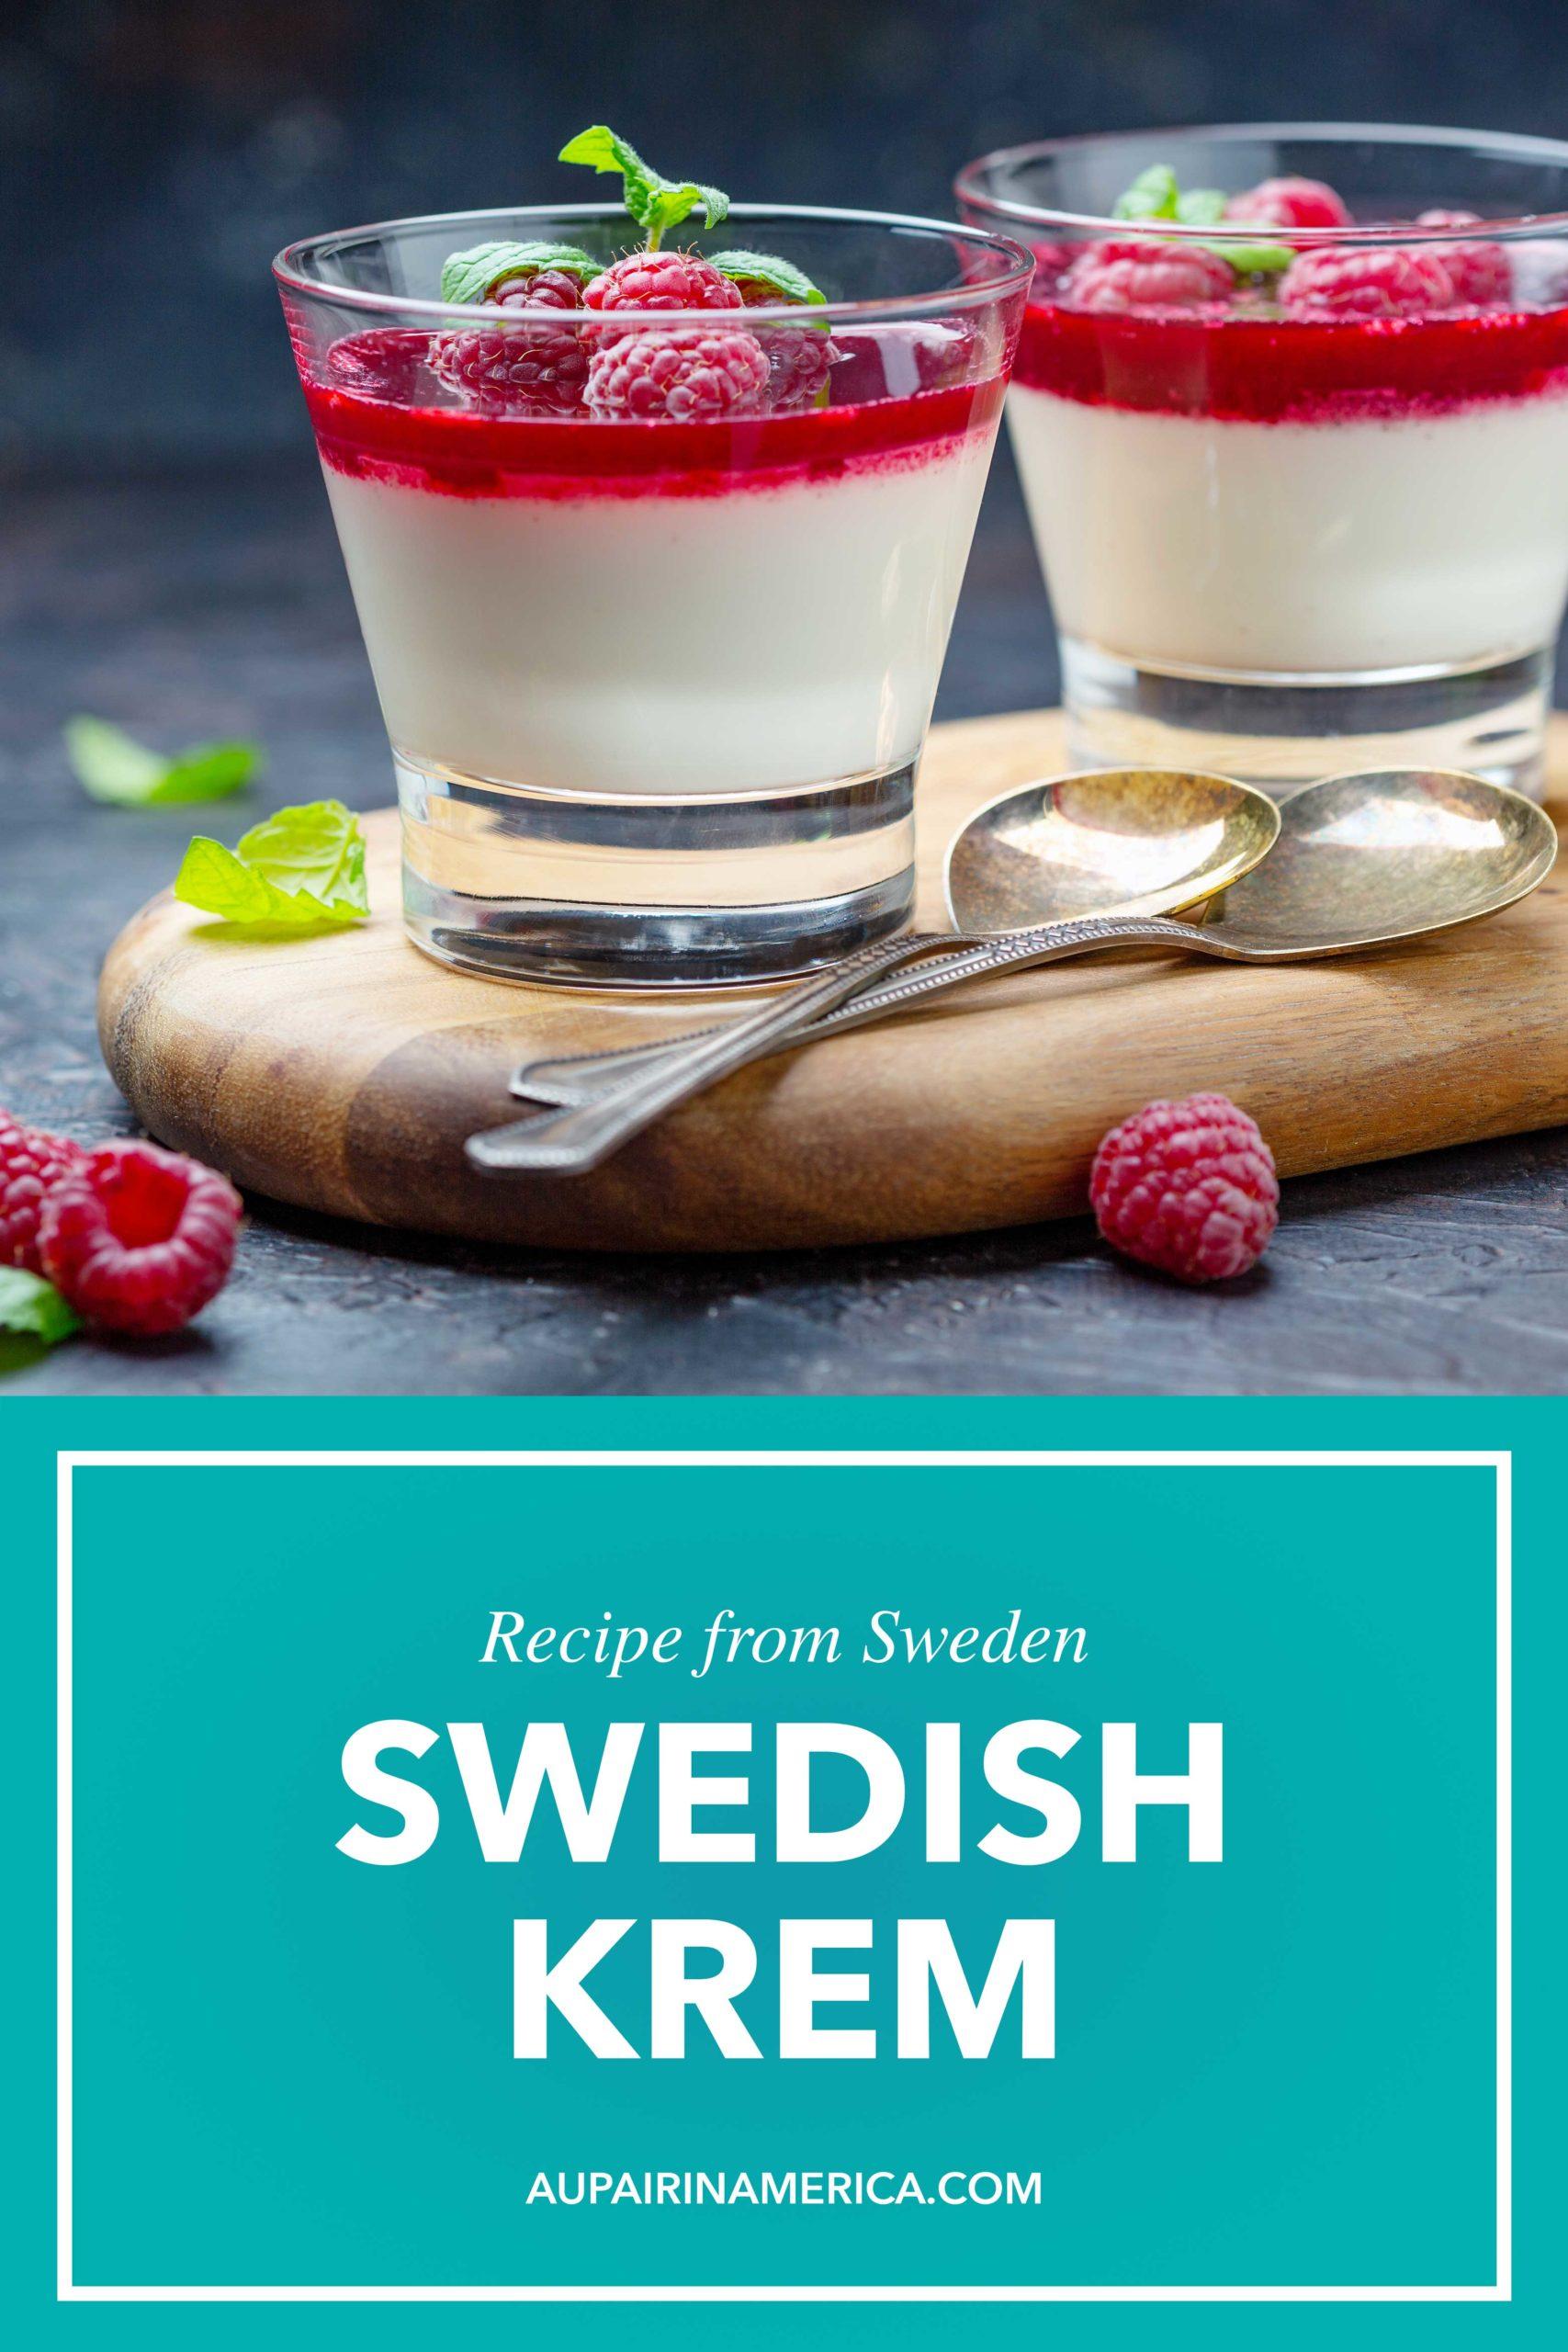 Swedish Krem